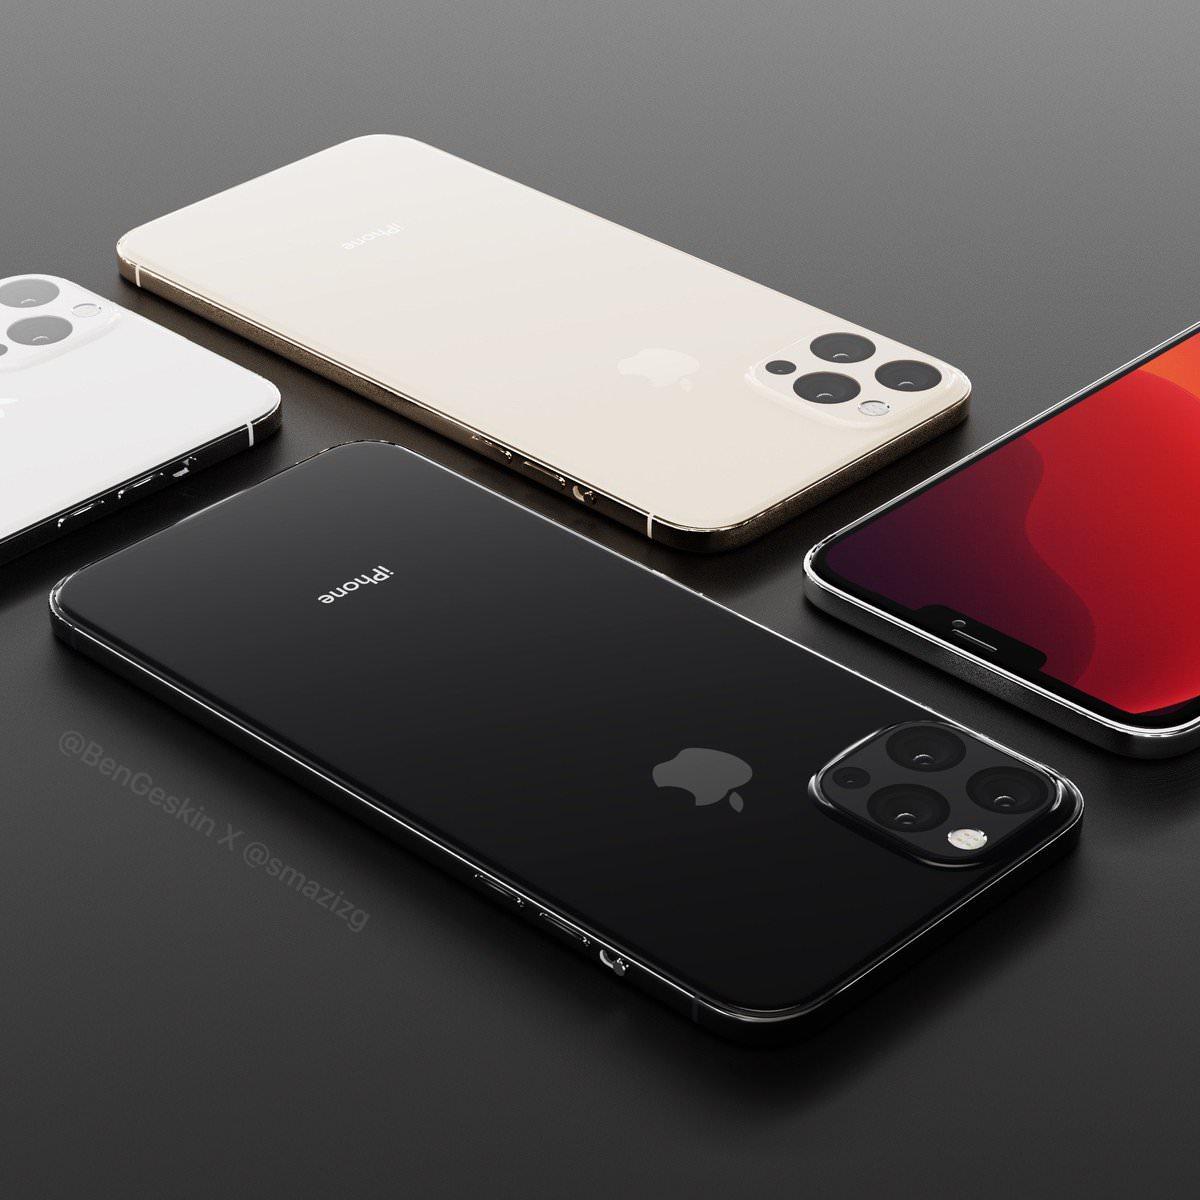 2020年のiPhoneは全モデルで5G対応か、Intelのモデム事業買収でリソース確保